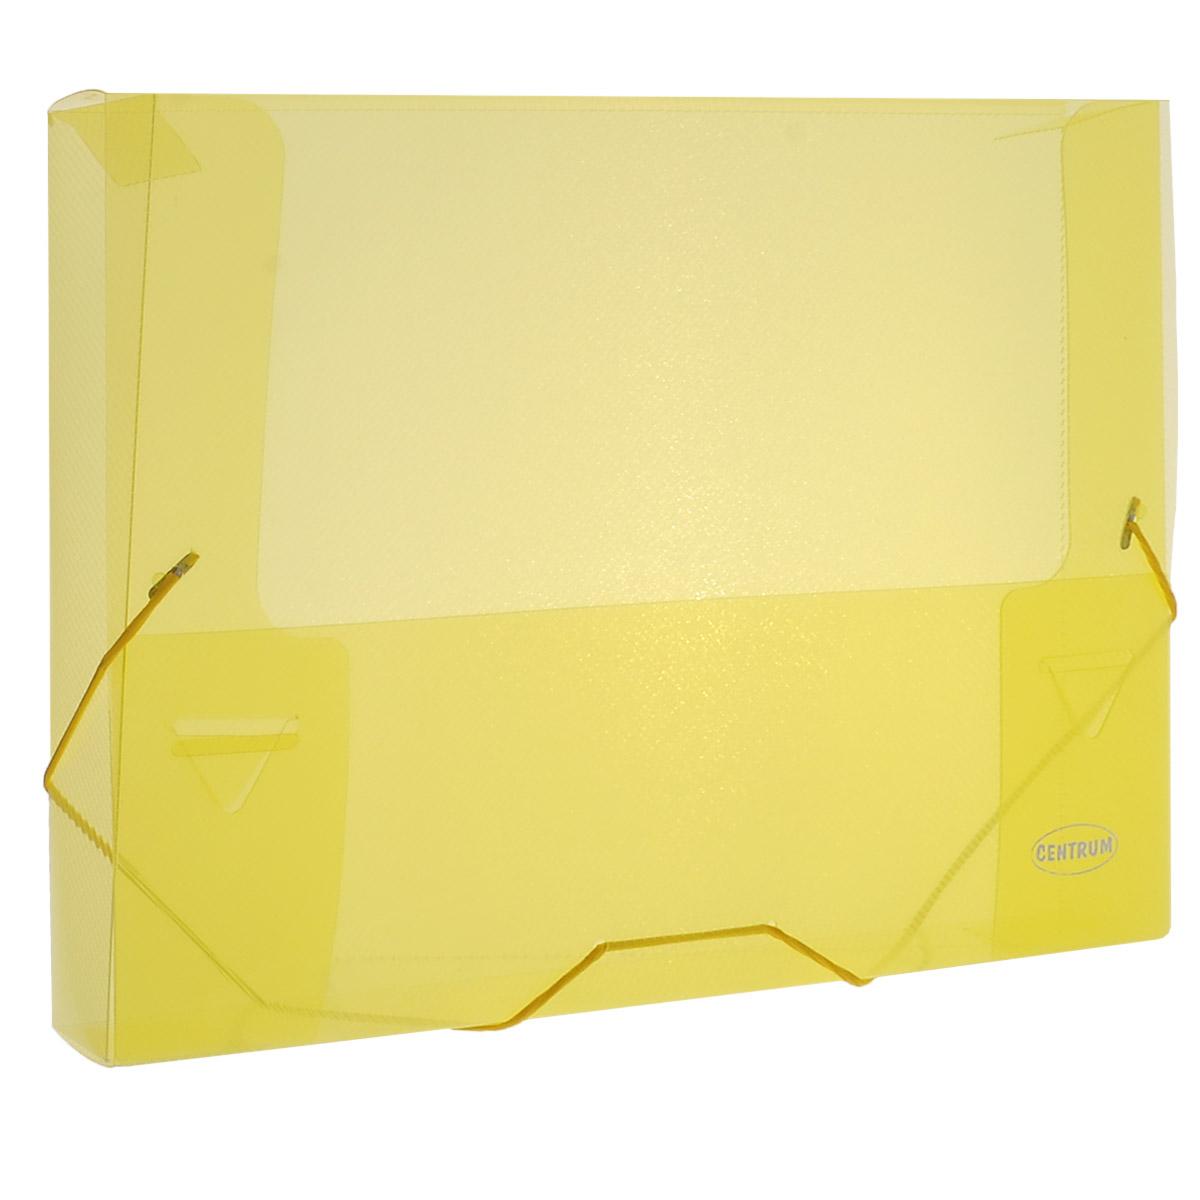 Папка на резинке Centrum, цвет: желтый, формат А4. 8002080020_желтыйПапка на резинке Centrum станет вашим верным помощником дома и в офисе. Это удобный и функциональный инструмент, предназначенный для хранения и транспортировки больших объемов рабочих бумаг и документов формата А4.Папка изготовлена из износостойкого высококачественного пластика. Состоит из одного вместительного отделения. Грани папки закруглены для дополнительной прочности и сохранности опрятного вида папки.Папка - это незаменимый атрибут для любого студента, школьника или офисного работника. Такая папка надежно сохранит ваши бумаги и сбережет их от повреждений, пыли и влаги.